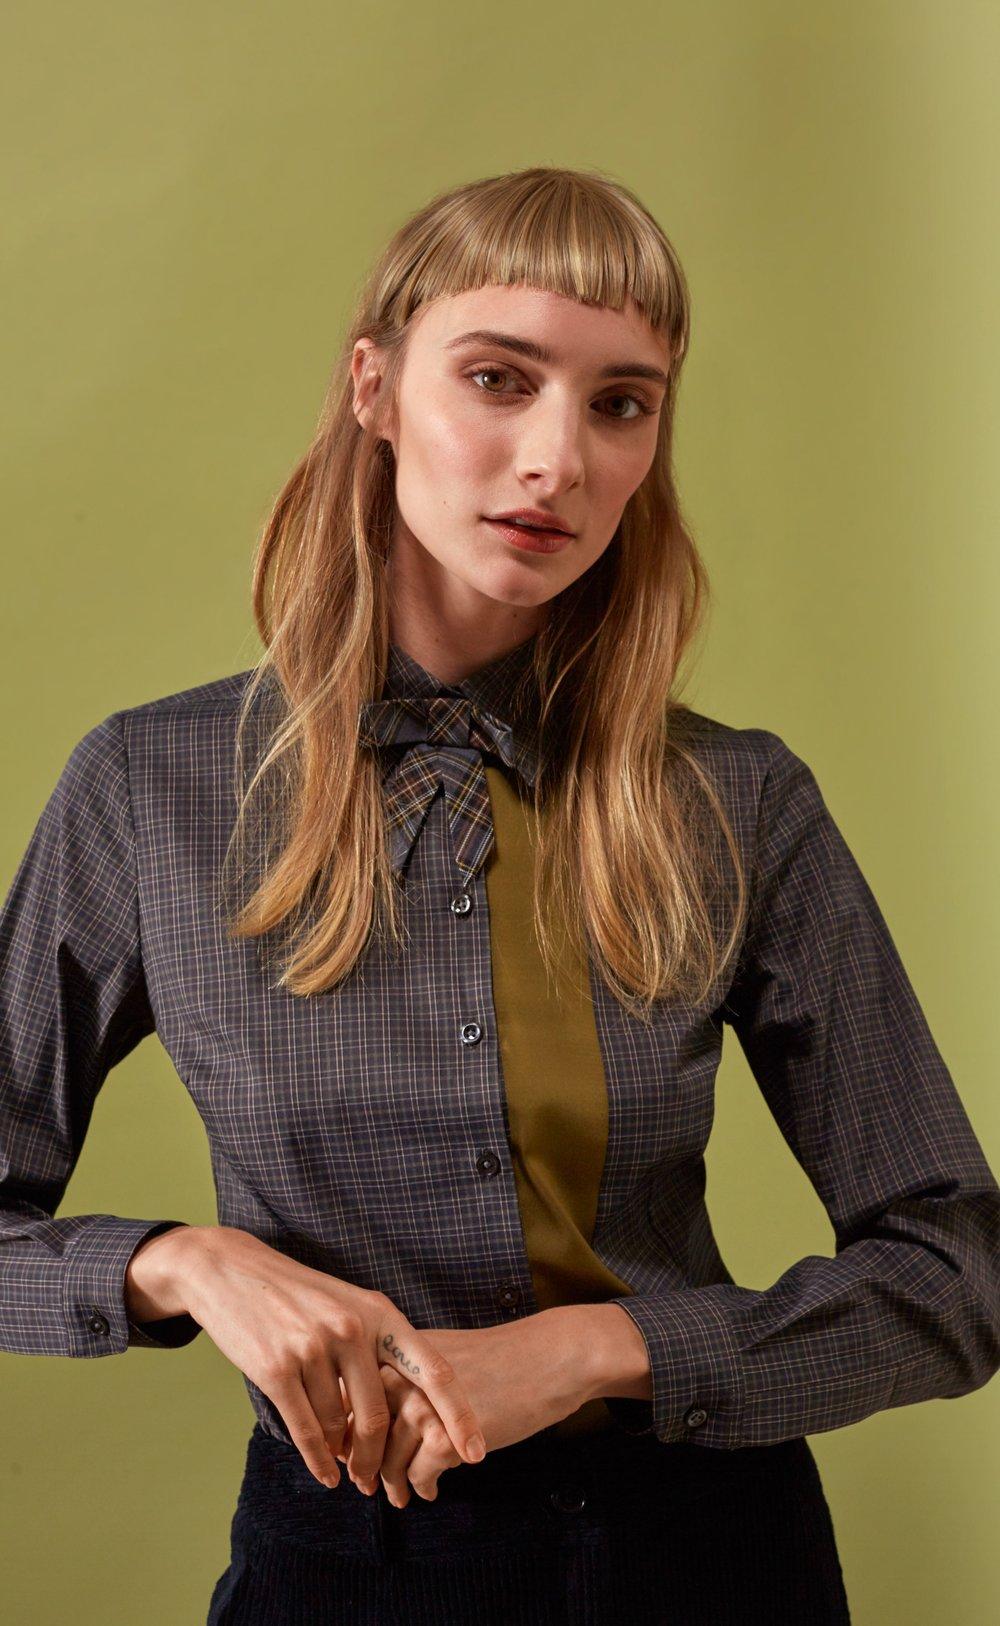 Taillierte Bluse aus kleinem Baumwollkaro mit Streifendetail in Kontrastfarbe, Ansteckschleife